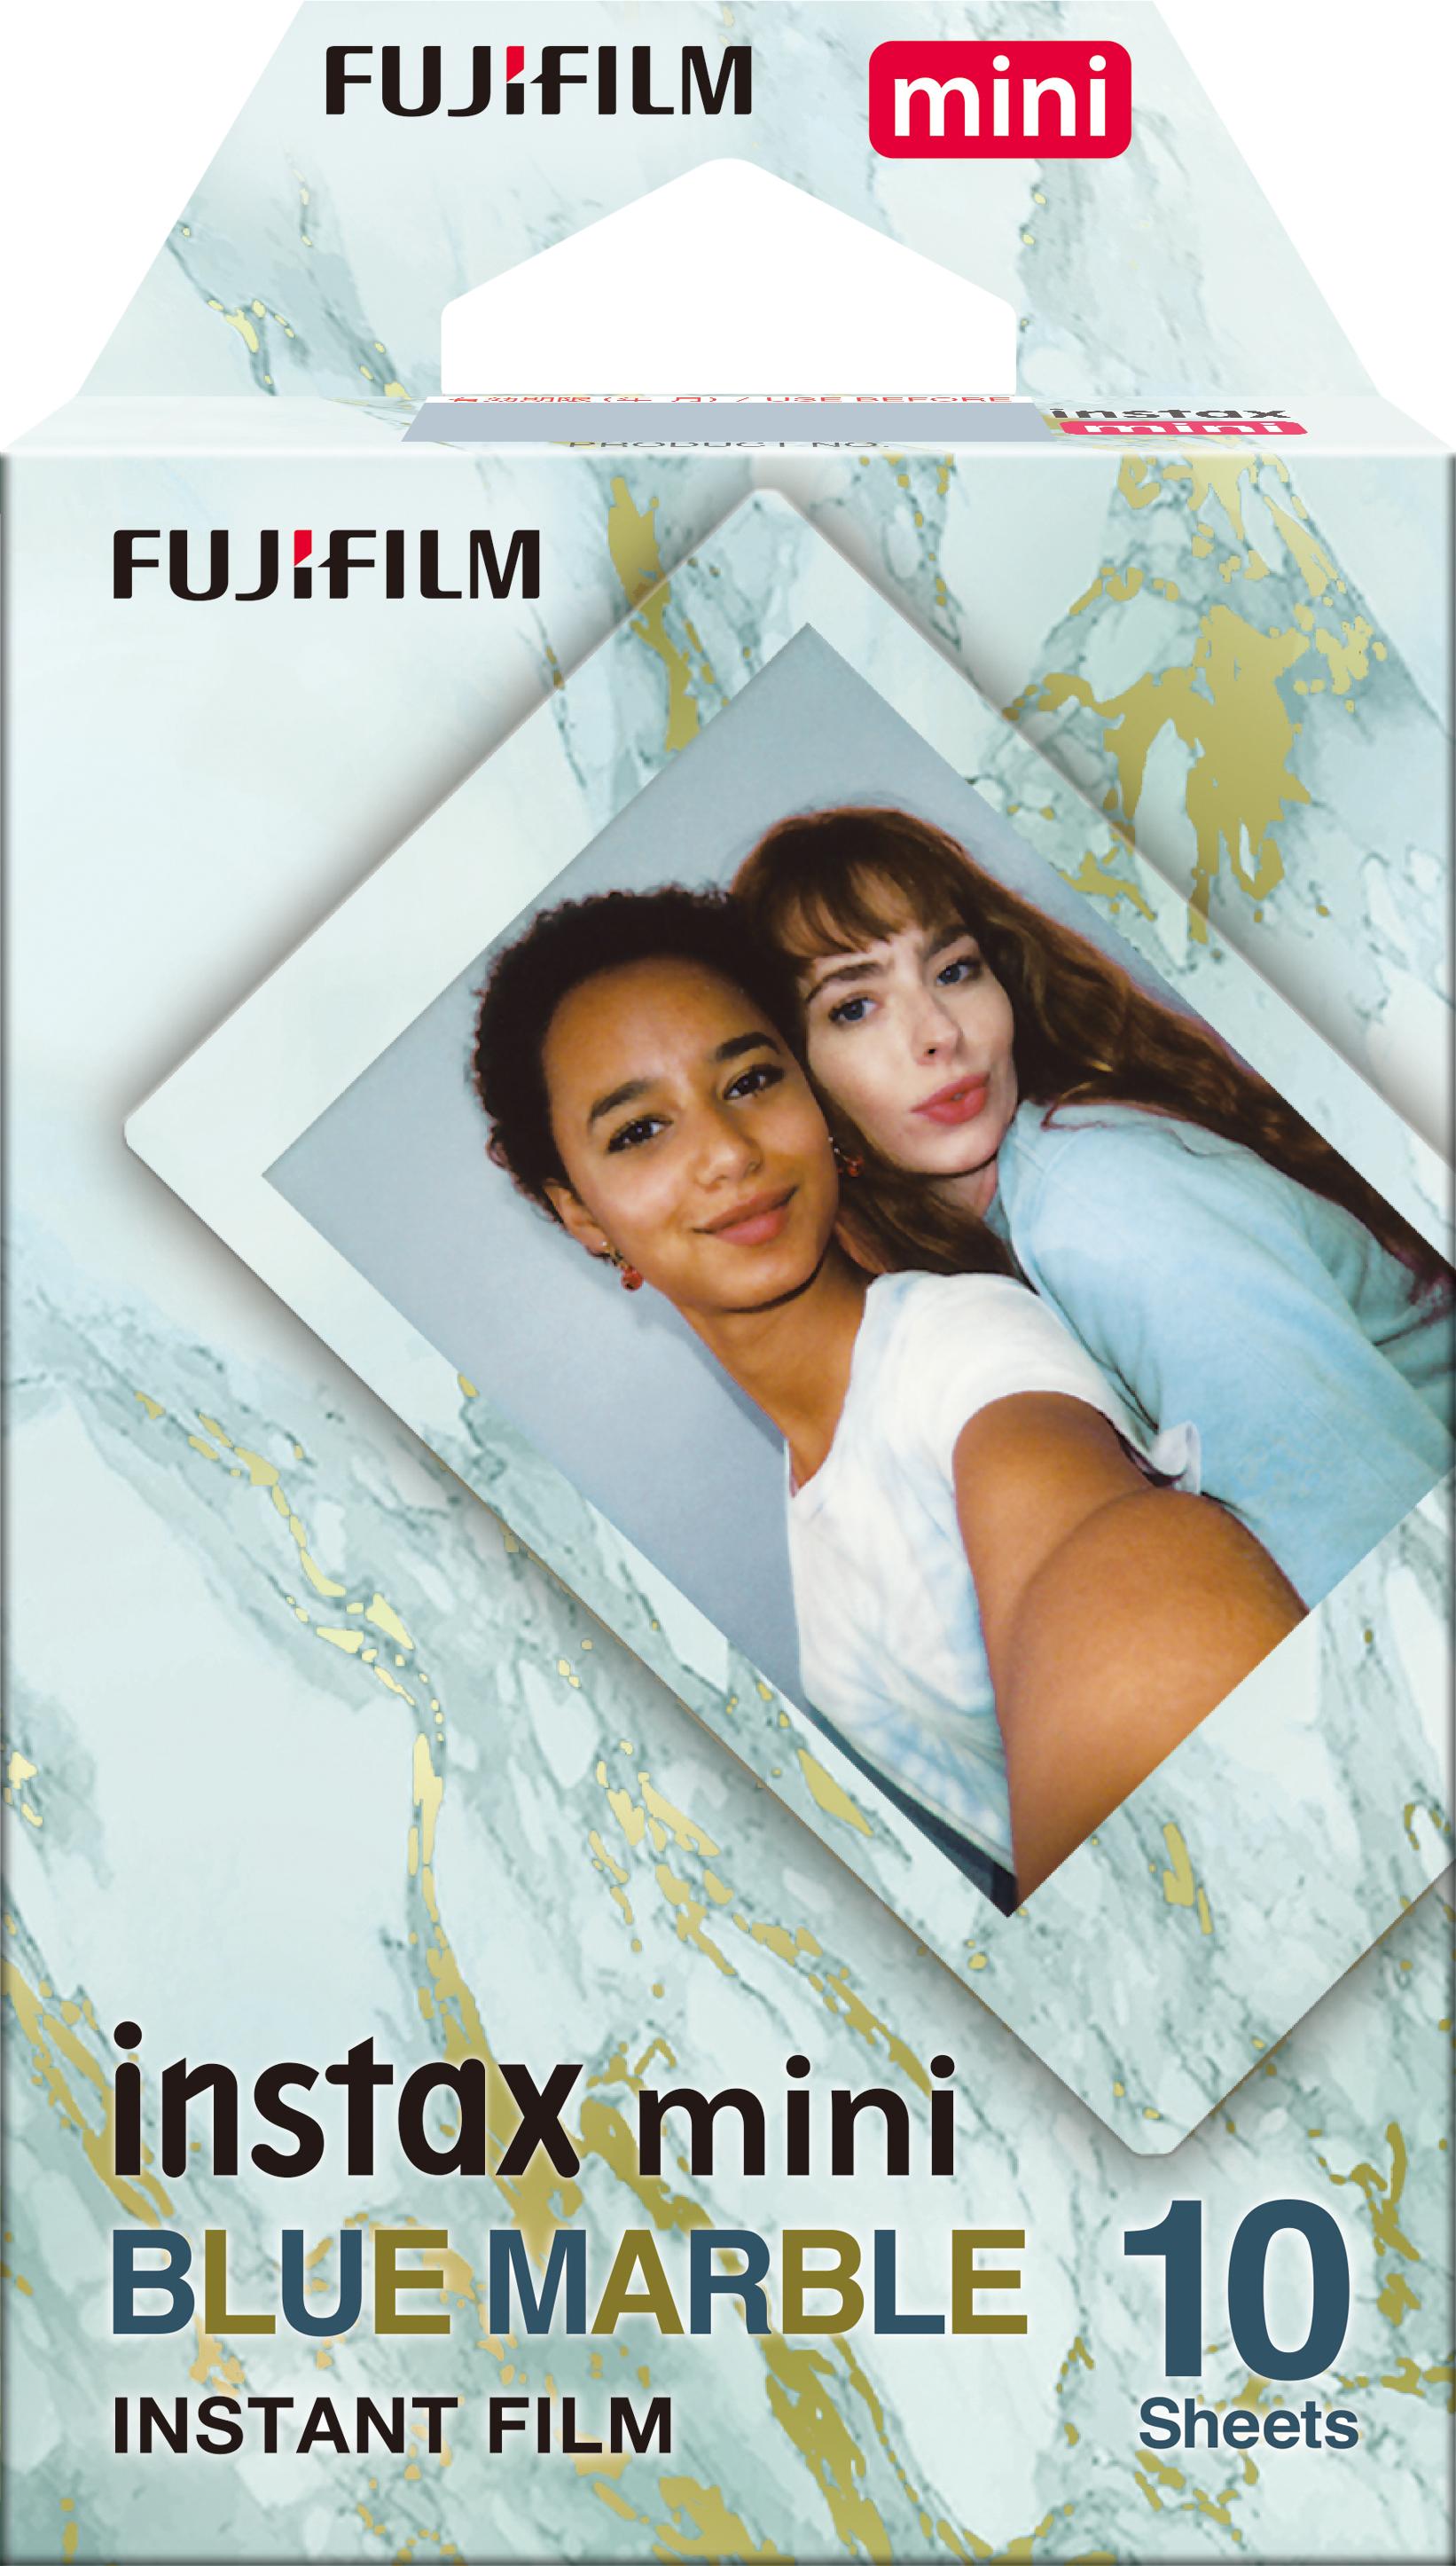 INSTAX Mini Blue Marble Film box